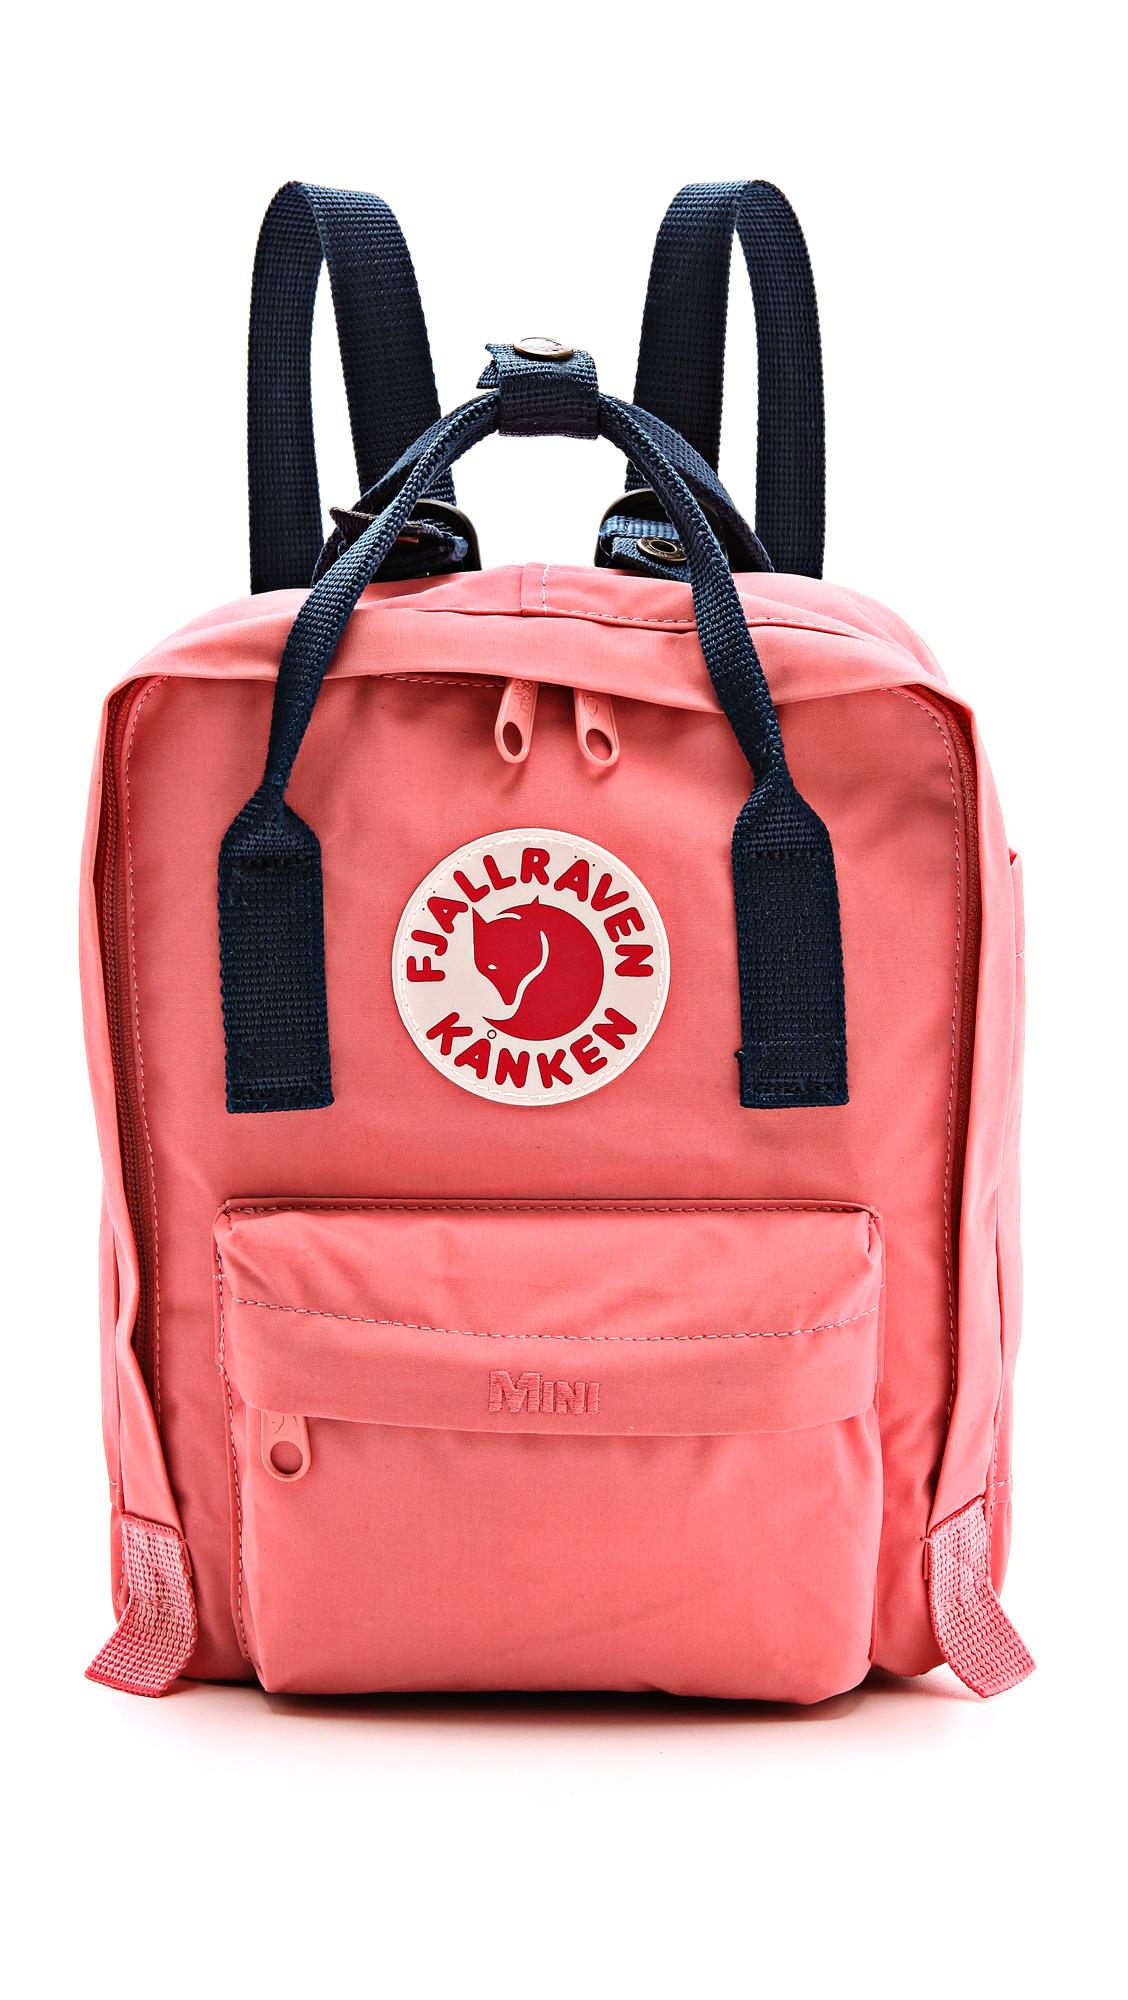 fjallraven kanken mini backpack in pink pink royal blue. Black Bedroom Furniture Sets. Home Design Ideas